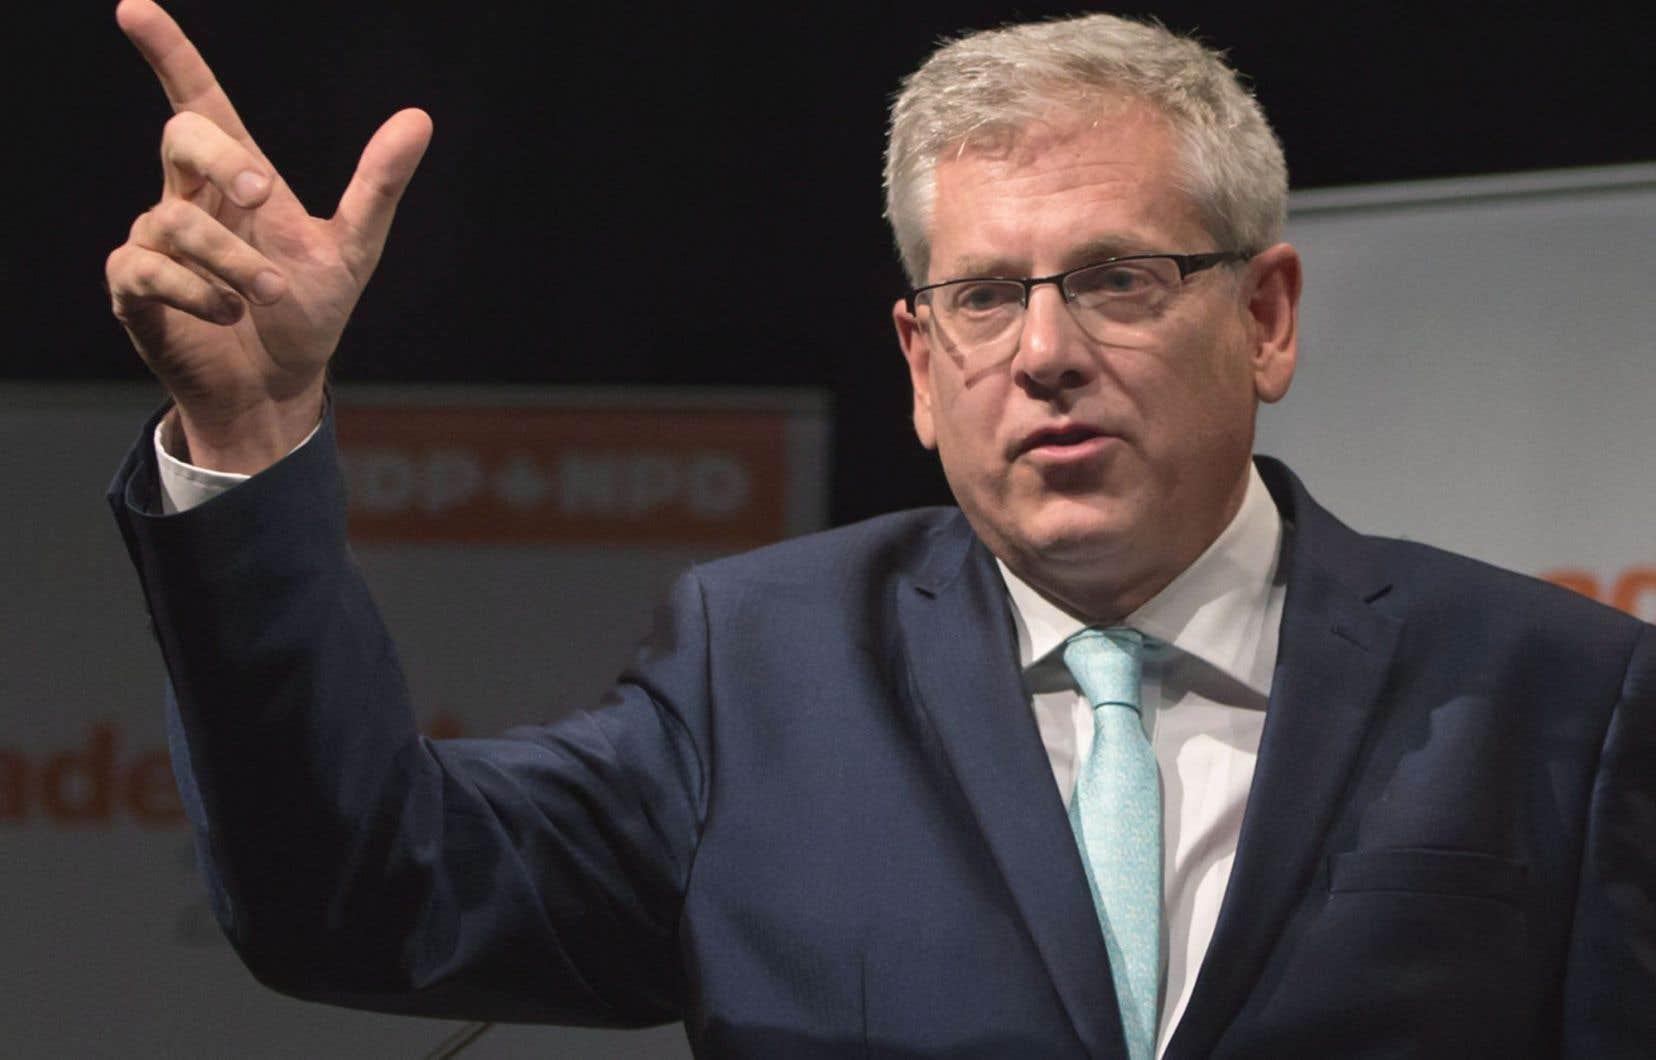 Dans une lettre ouverte envoyée au «Devoir», M. Angus écrit qu'il «considère que l'Assemblée nationale a la légitimité de tenir les débats de société qu'elle souhaite».